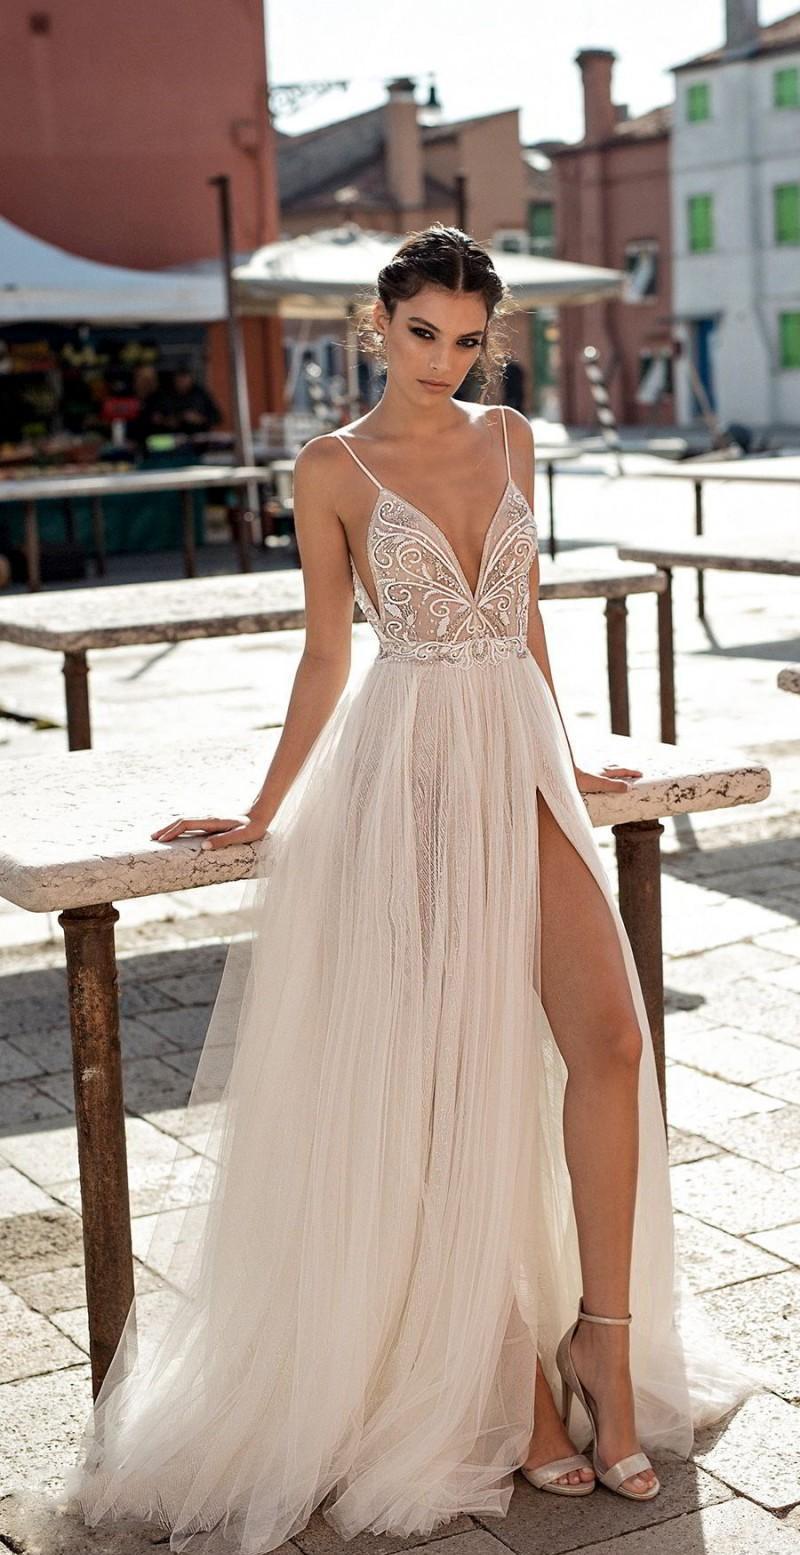 Hochzeitskleid Sommerhochzeit Champagnerfarbe